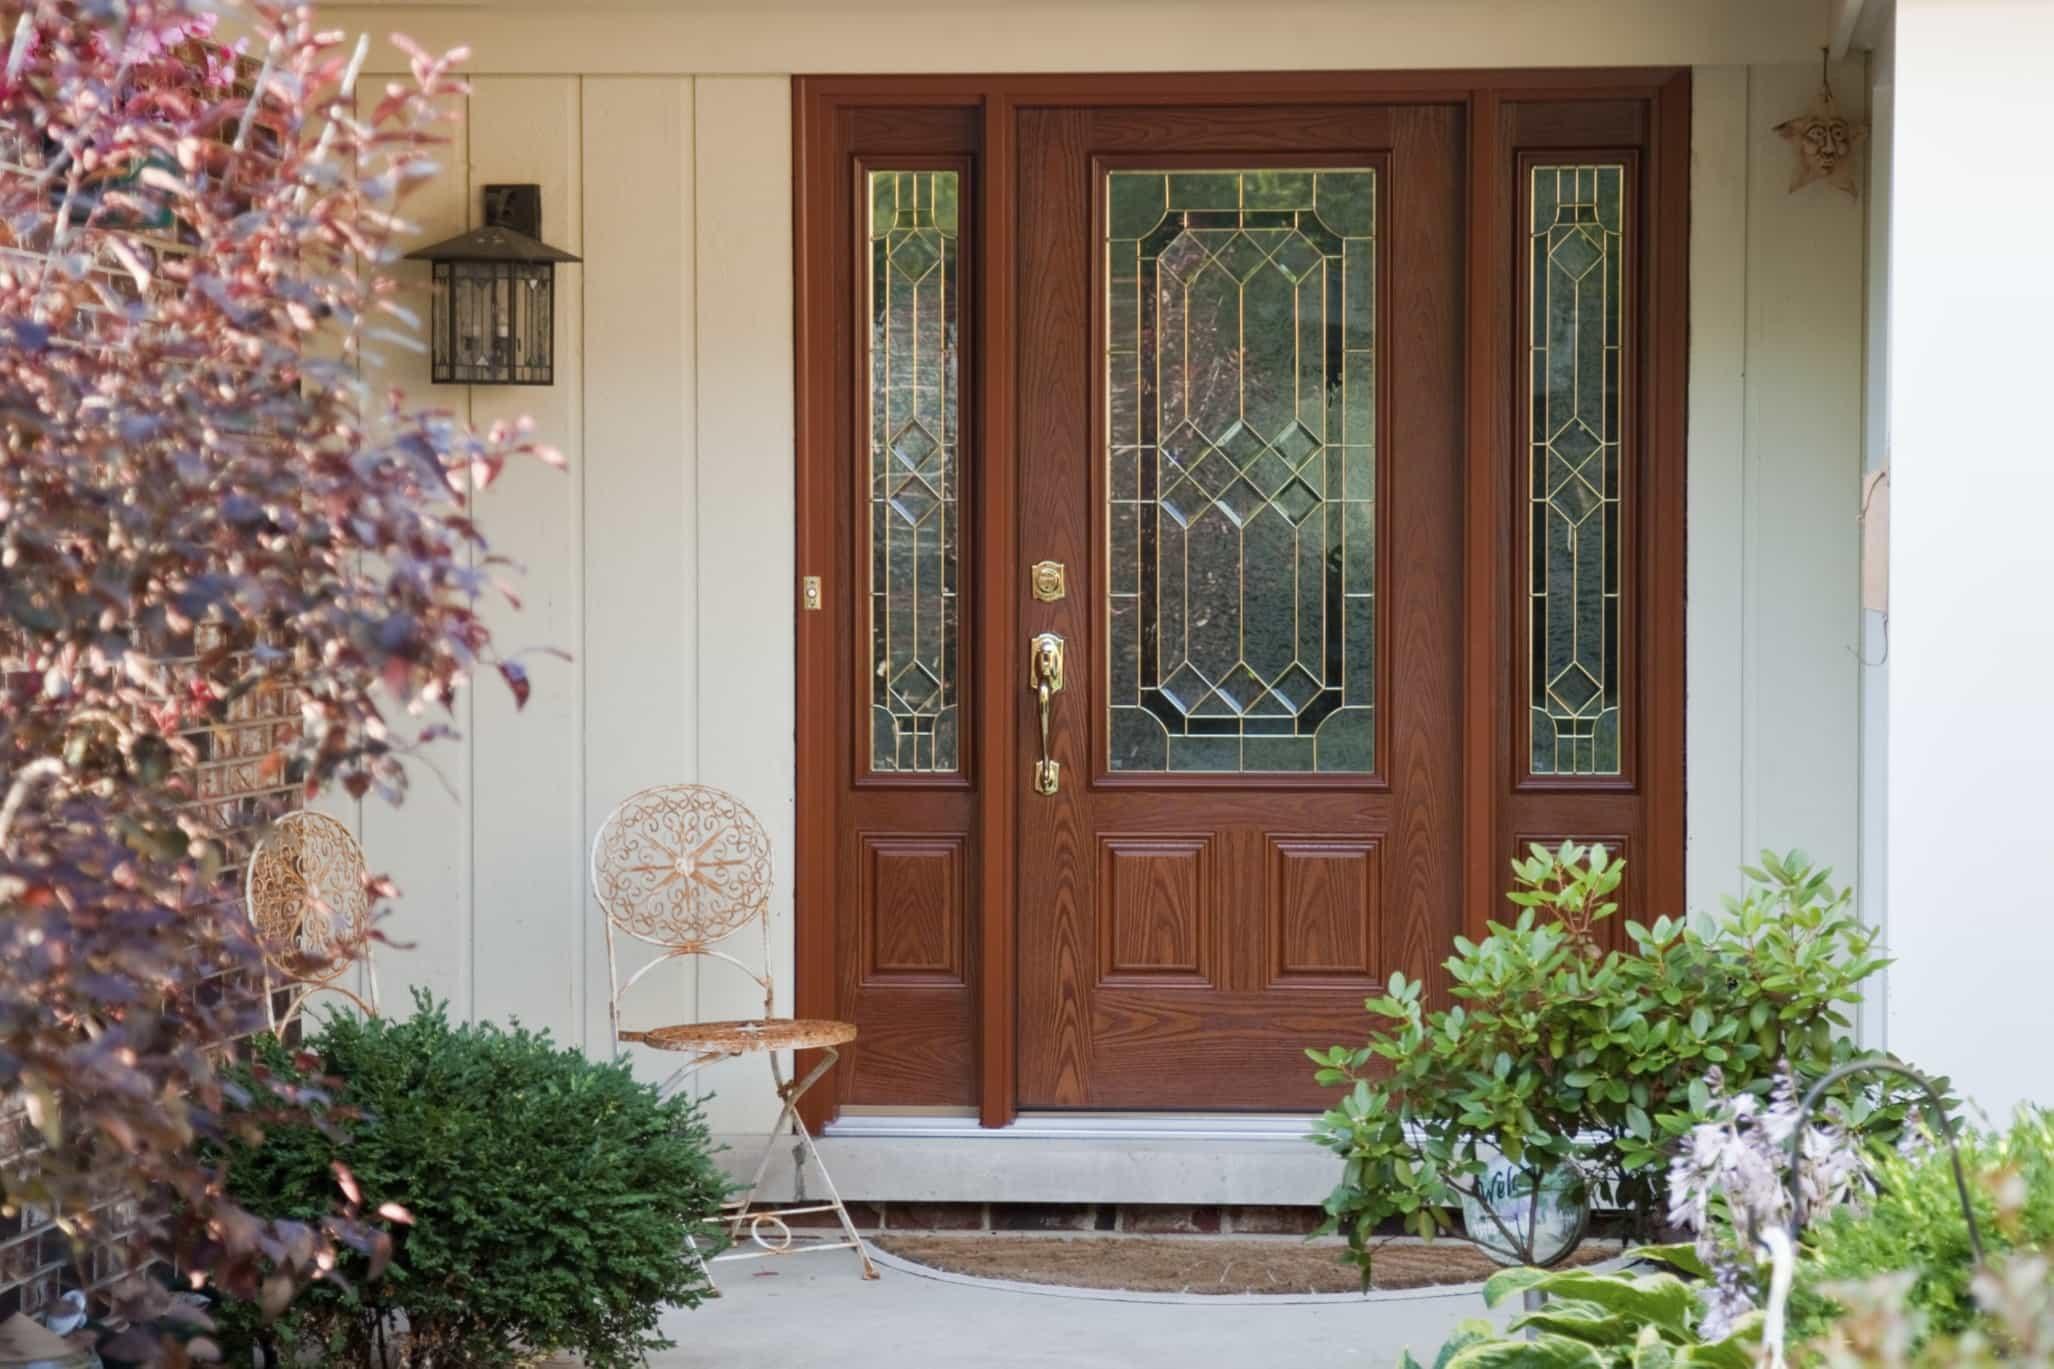 Почему промерзает входная дверь, как с этим бороться  эффективно